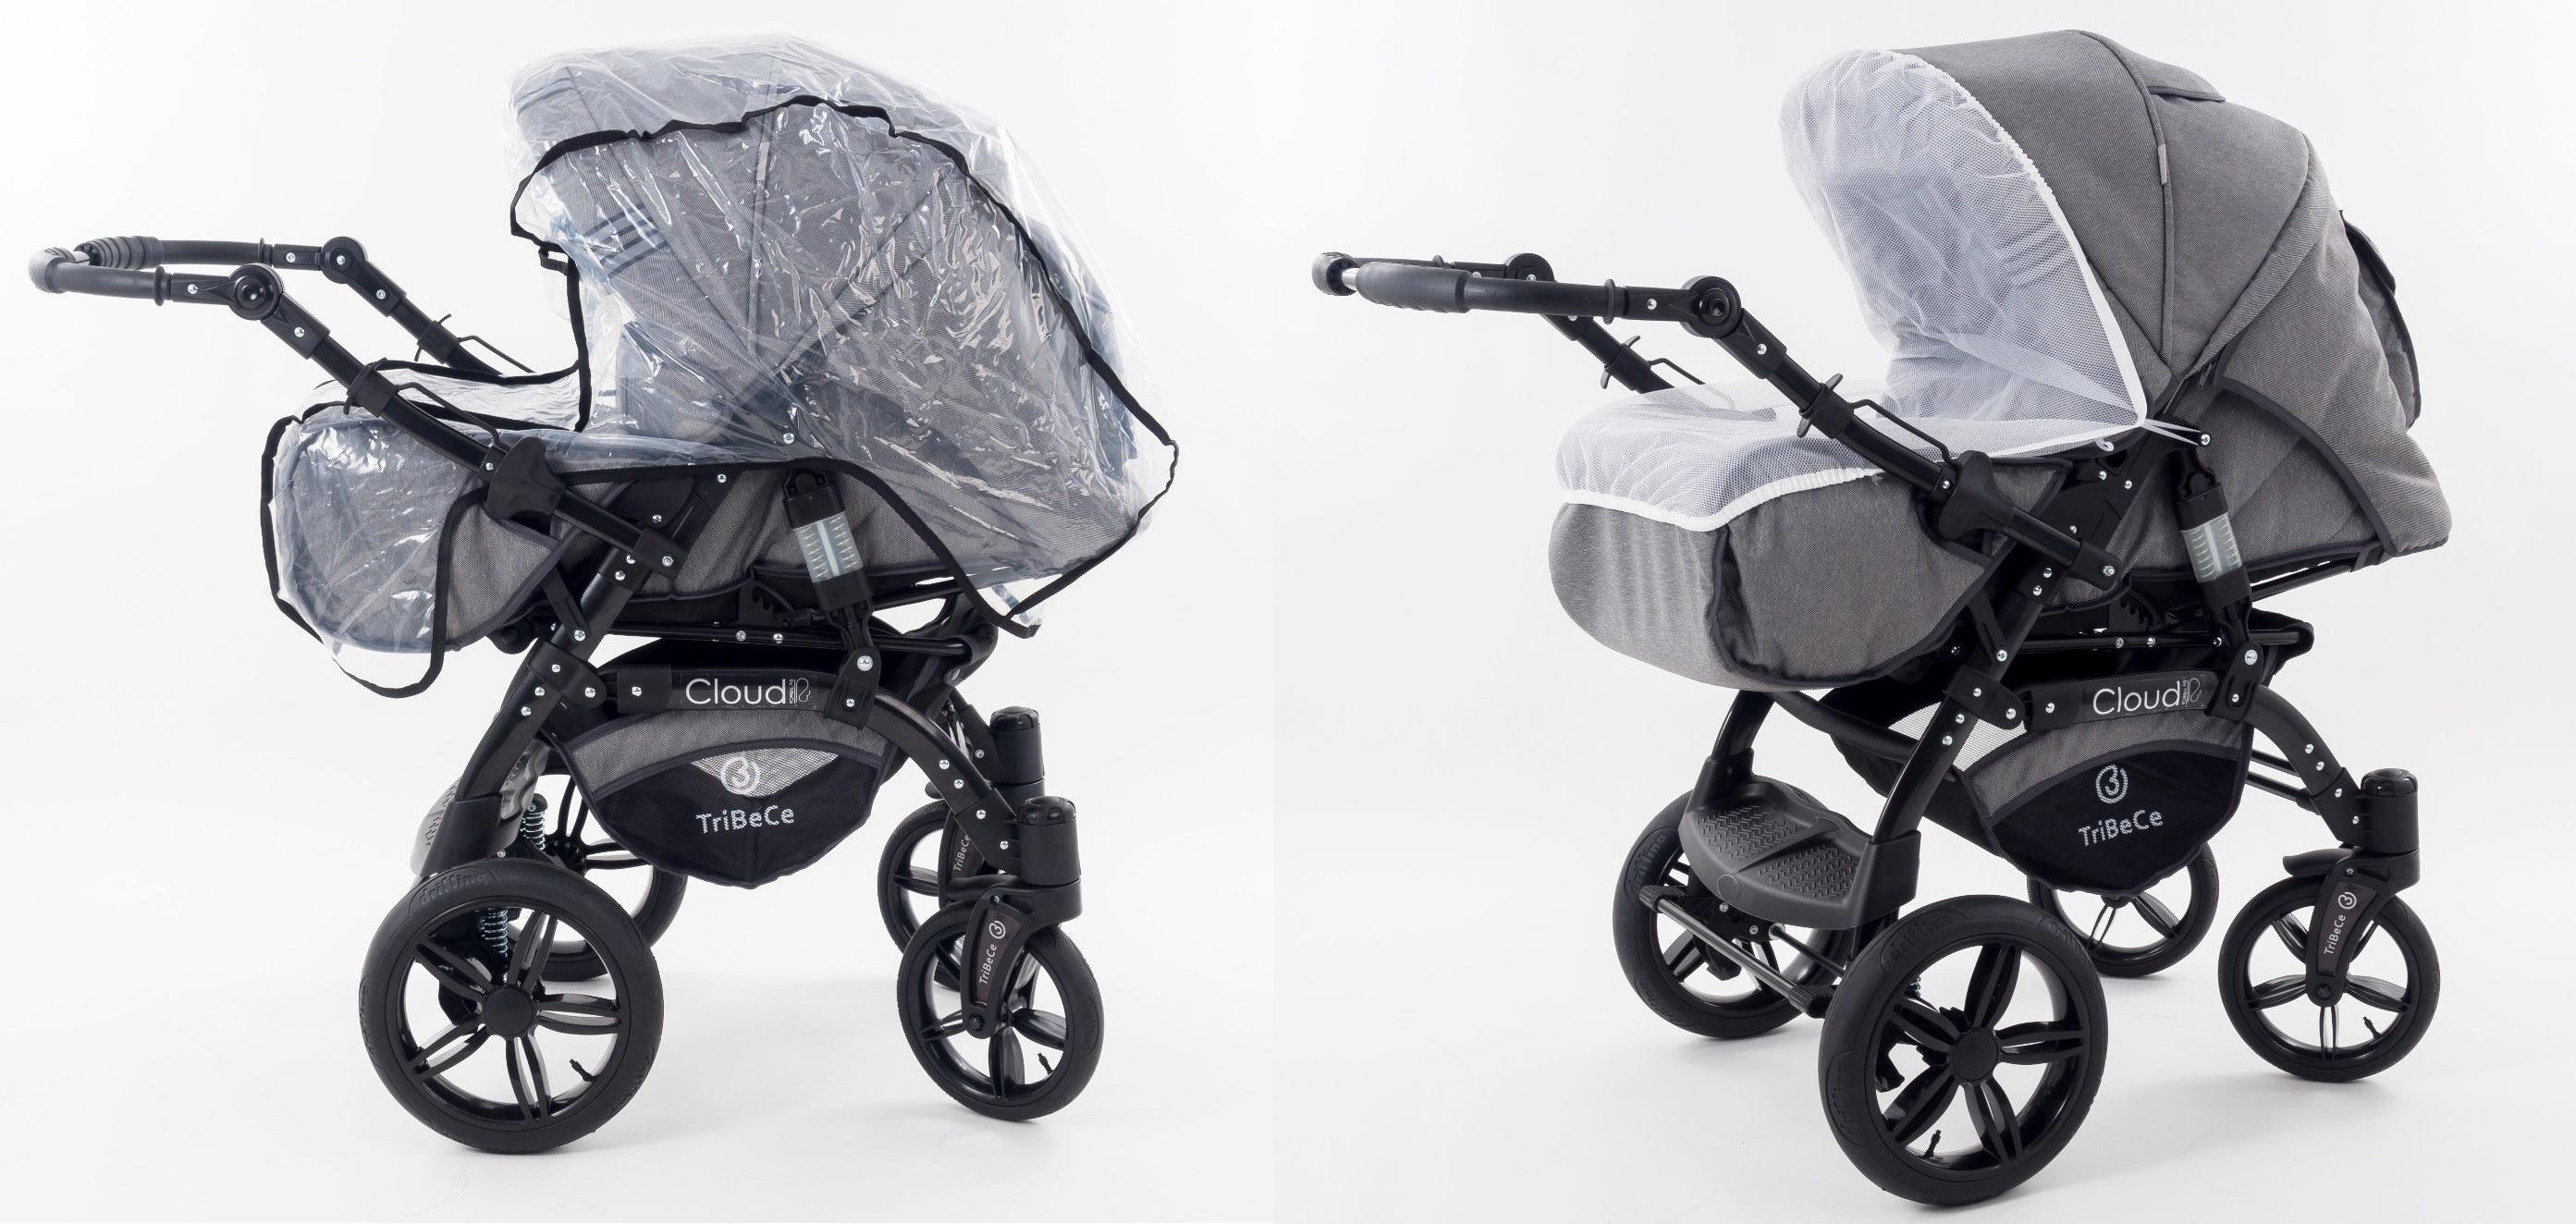 wielofunkcyjny wózek dzieciecy Cloud